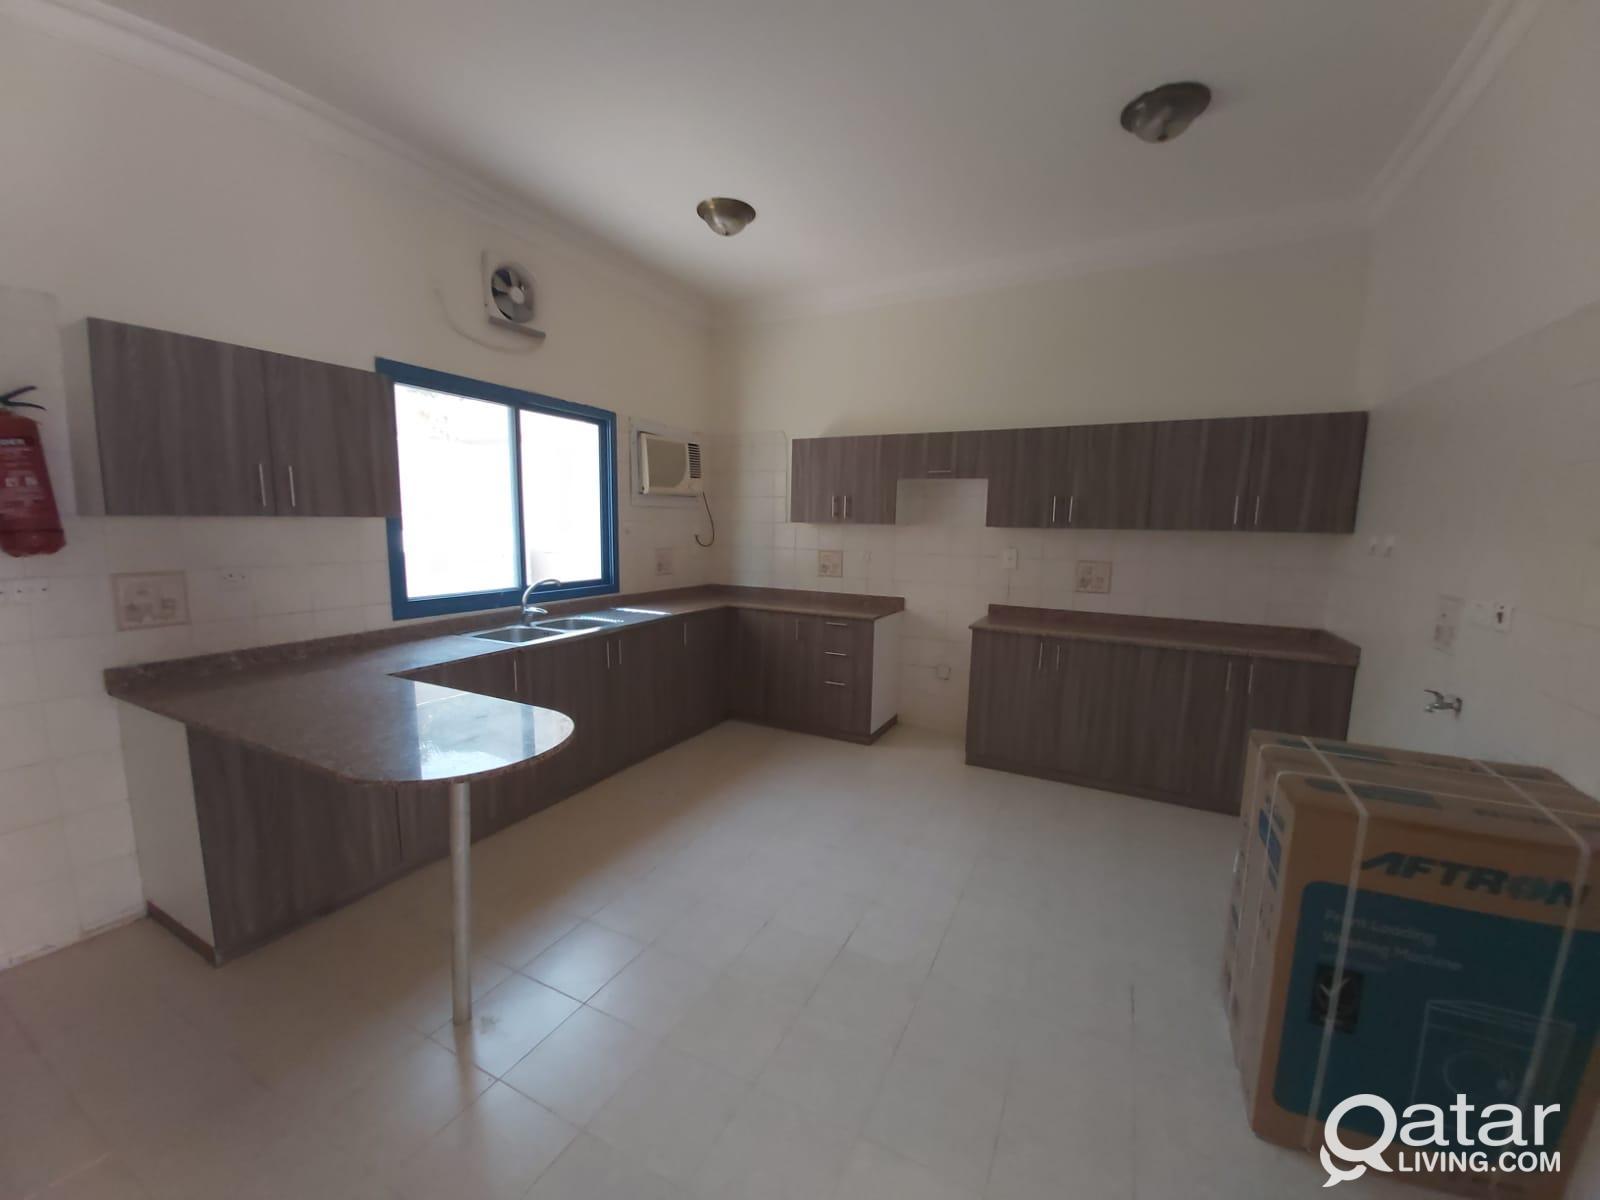 41 - Unfurnished 3 BR Compound Villa for Rent